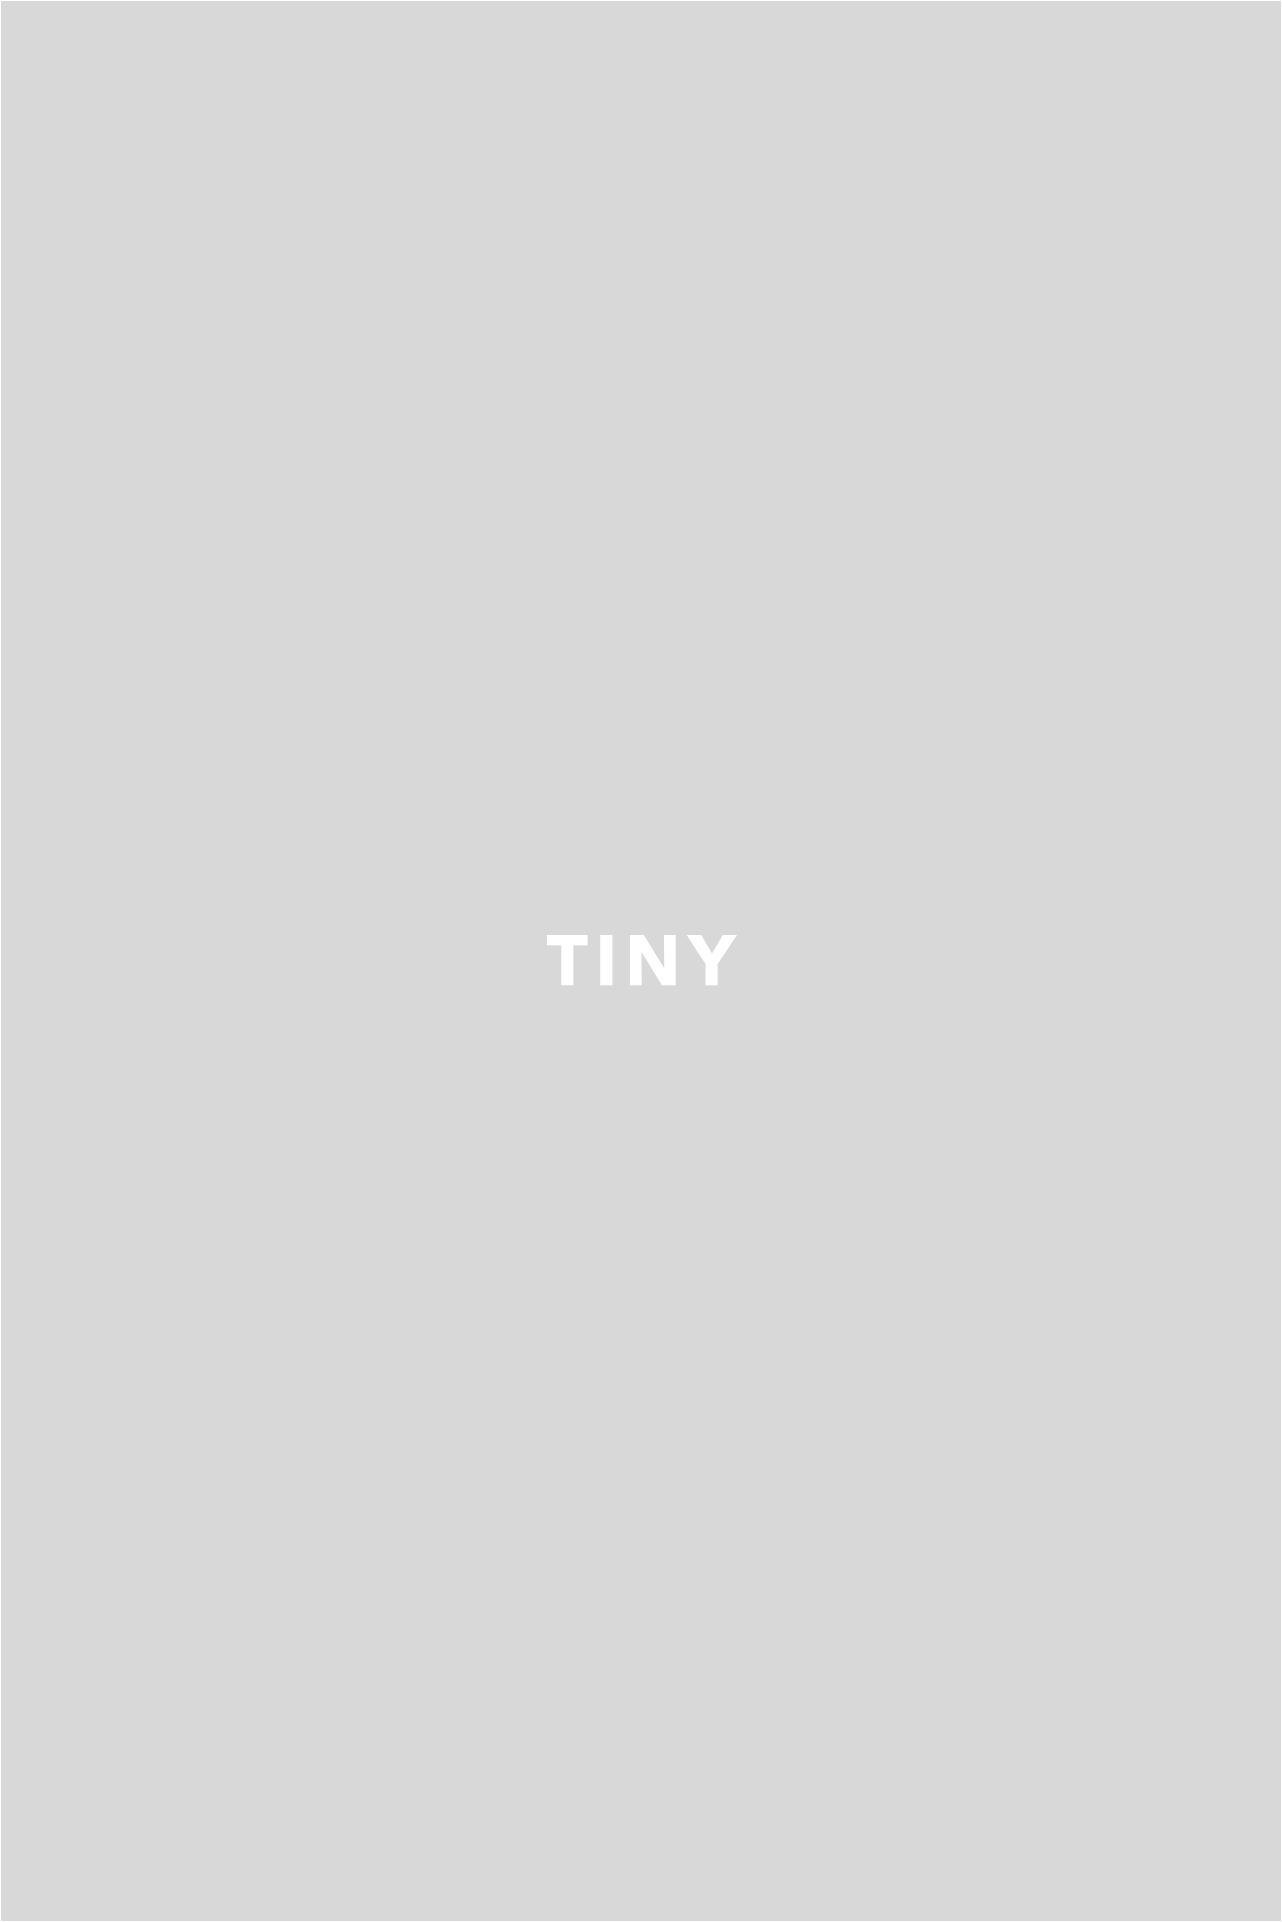 BODY ANTS